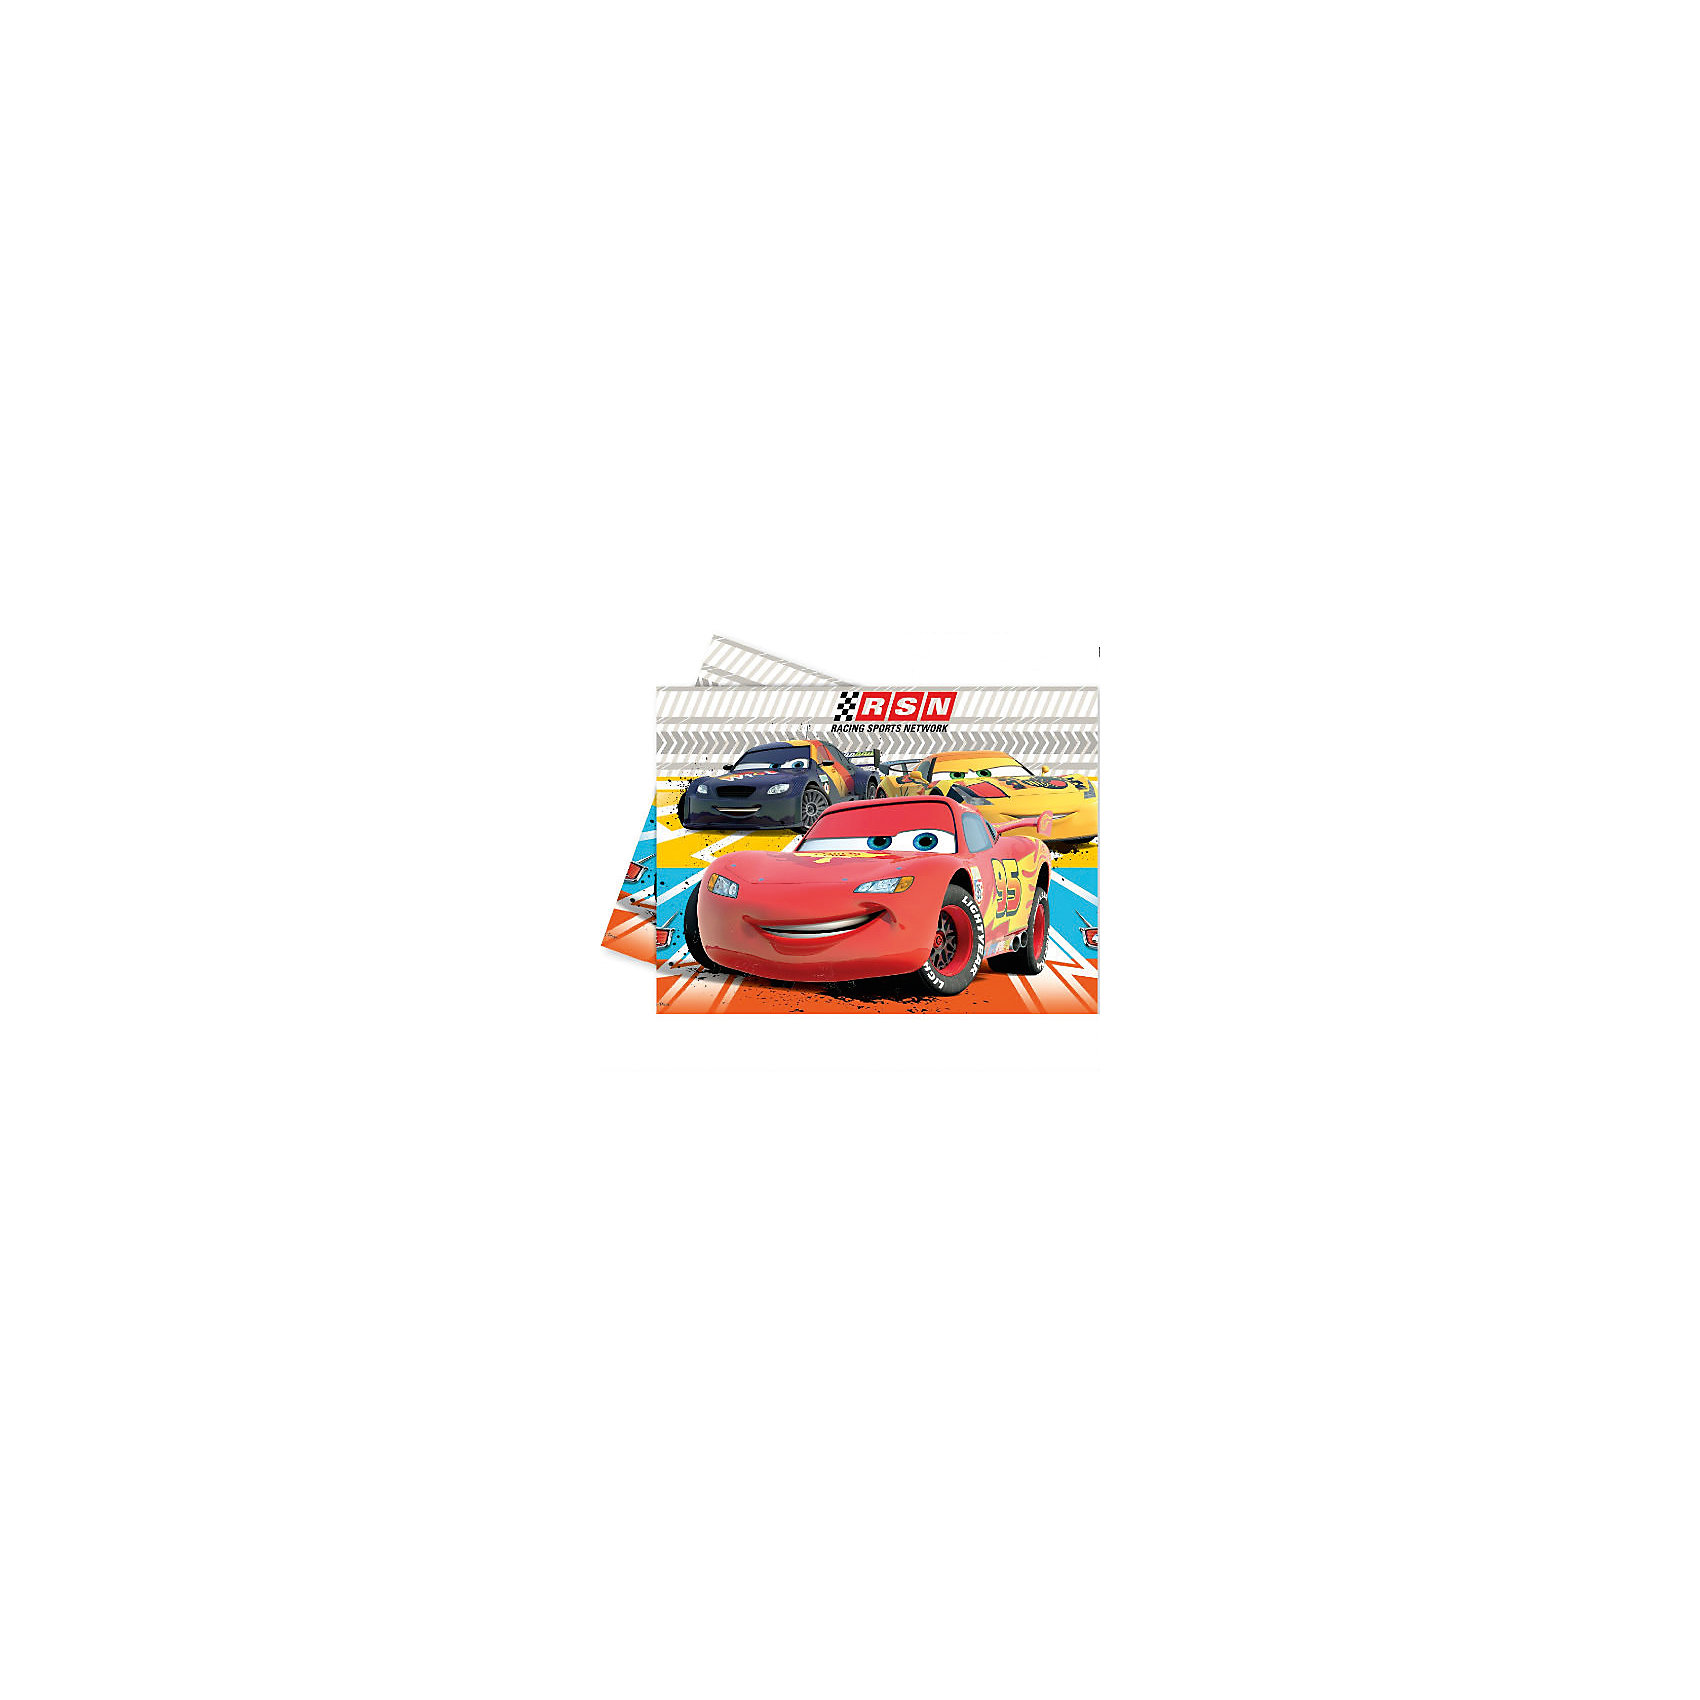 Скатерть  Тачки RSN 120x180 смВсё для праздника<br>Скатерть Тачки RSN поможет в оформлении оригинального и необычного детского праздника, а также избавиться от ненужных пятен и крошек. Для каждого ребенка важно не только получить подарки, но и ощущать праздничную атмосферу. Теперь Ваш ребенок сможет отметить свой День рождения с самым крутым гоночным автомобилем «Молнией» Маккуином и его друзьями. Скатерть сделана из качественных материалов, не токсична, противоаллергенна и безопасна для здоровья Вашего ребенка.@# <br>Размер: 120х180 см.@#<br>Для детей от 3 лет.@#<br><br>Ширина мм: 4<br>Глубина мм: 380<br>Высота мм: 210<br>Вес г: 78<br>Возраст от месяцев: -2147483648<br>Возраст до месяцев: 2147483647<br>Пол: Мужской<br>Возраст: Детский<br>SKU: 3342922